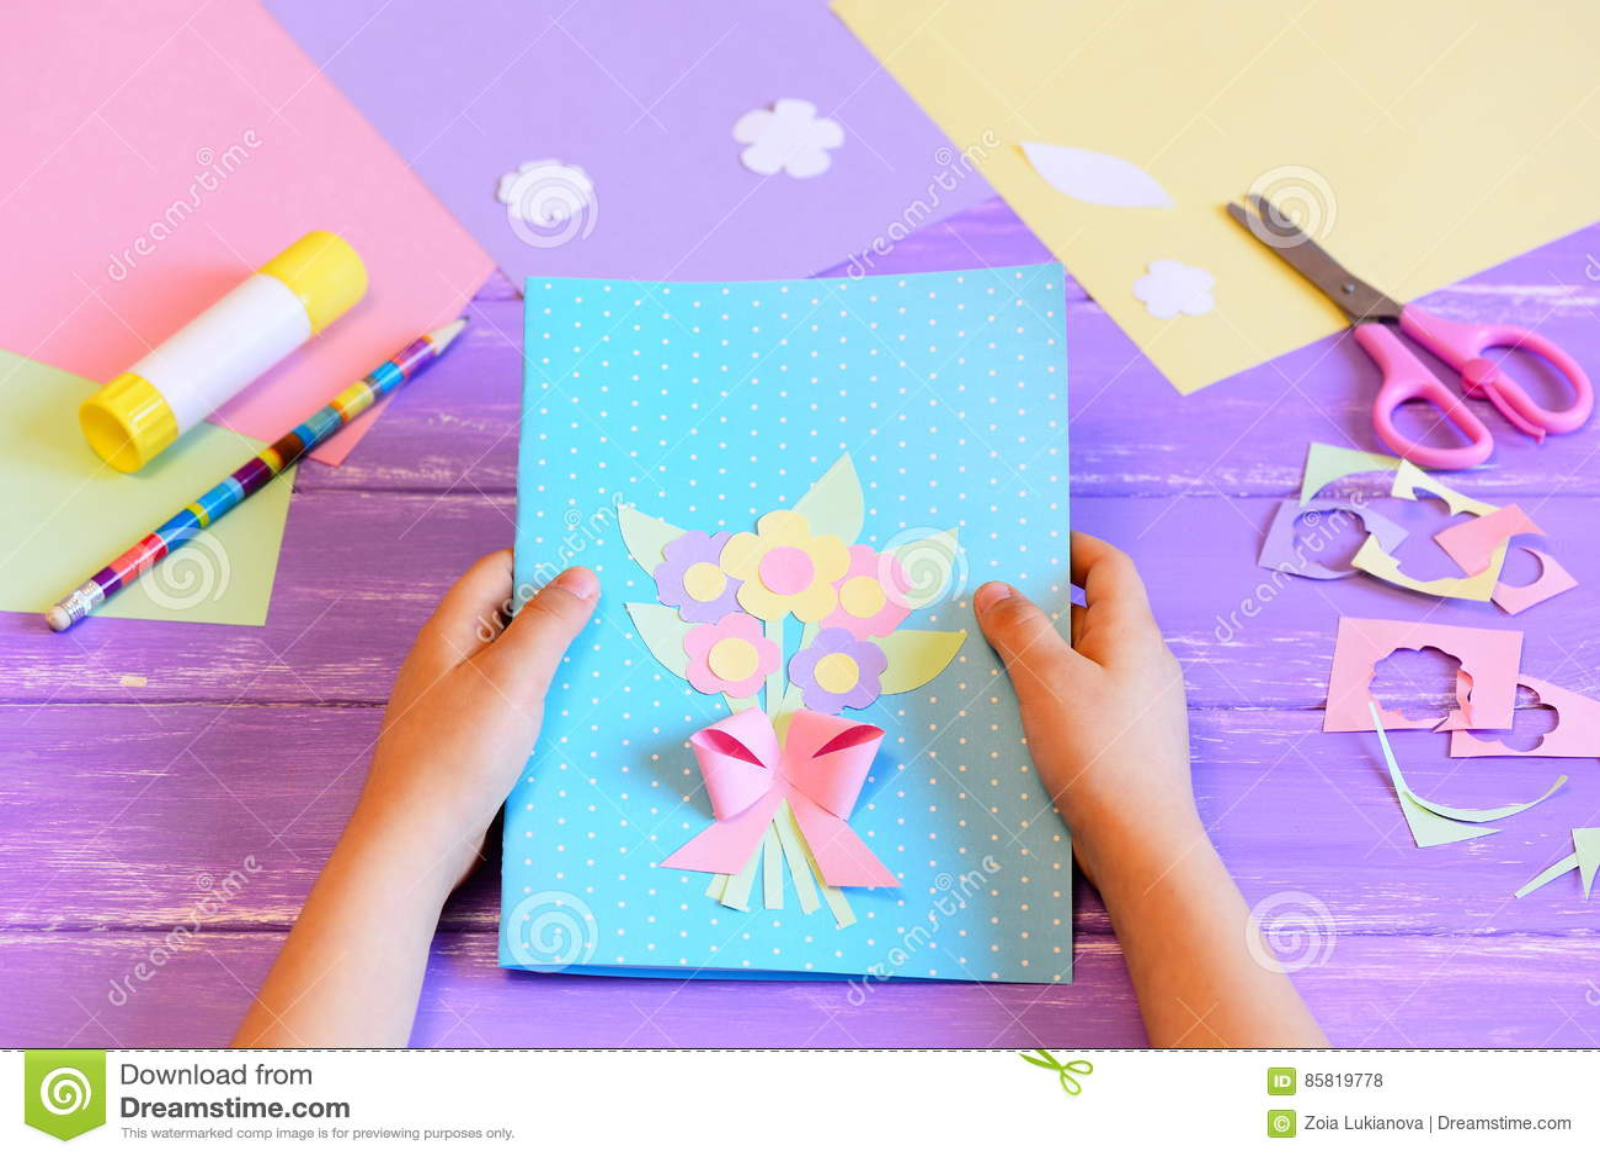 Открытка сделанная ребенком своими руками